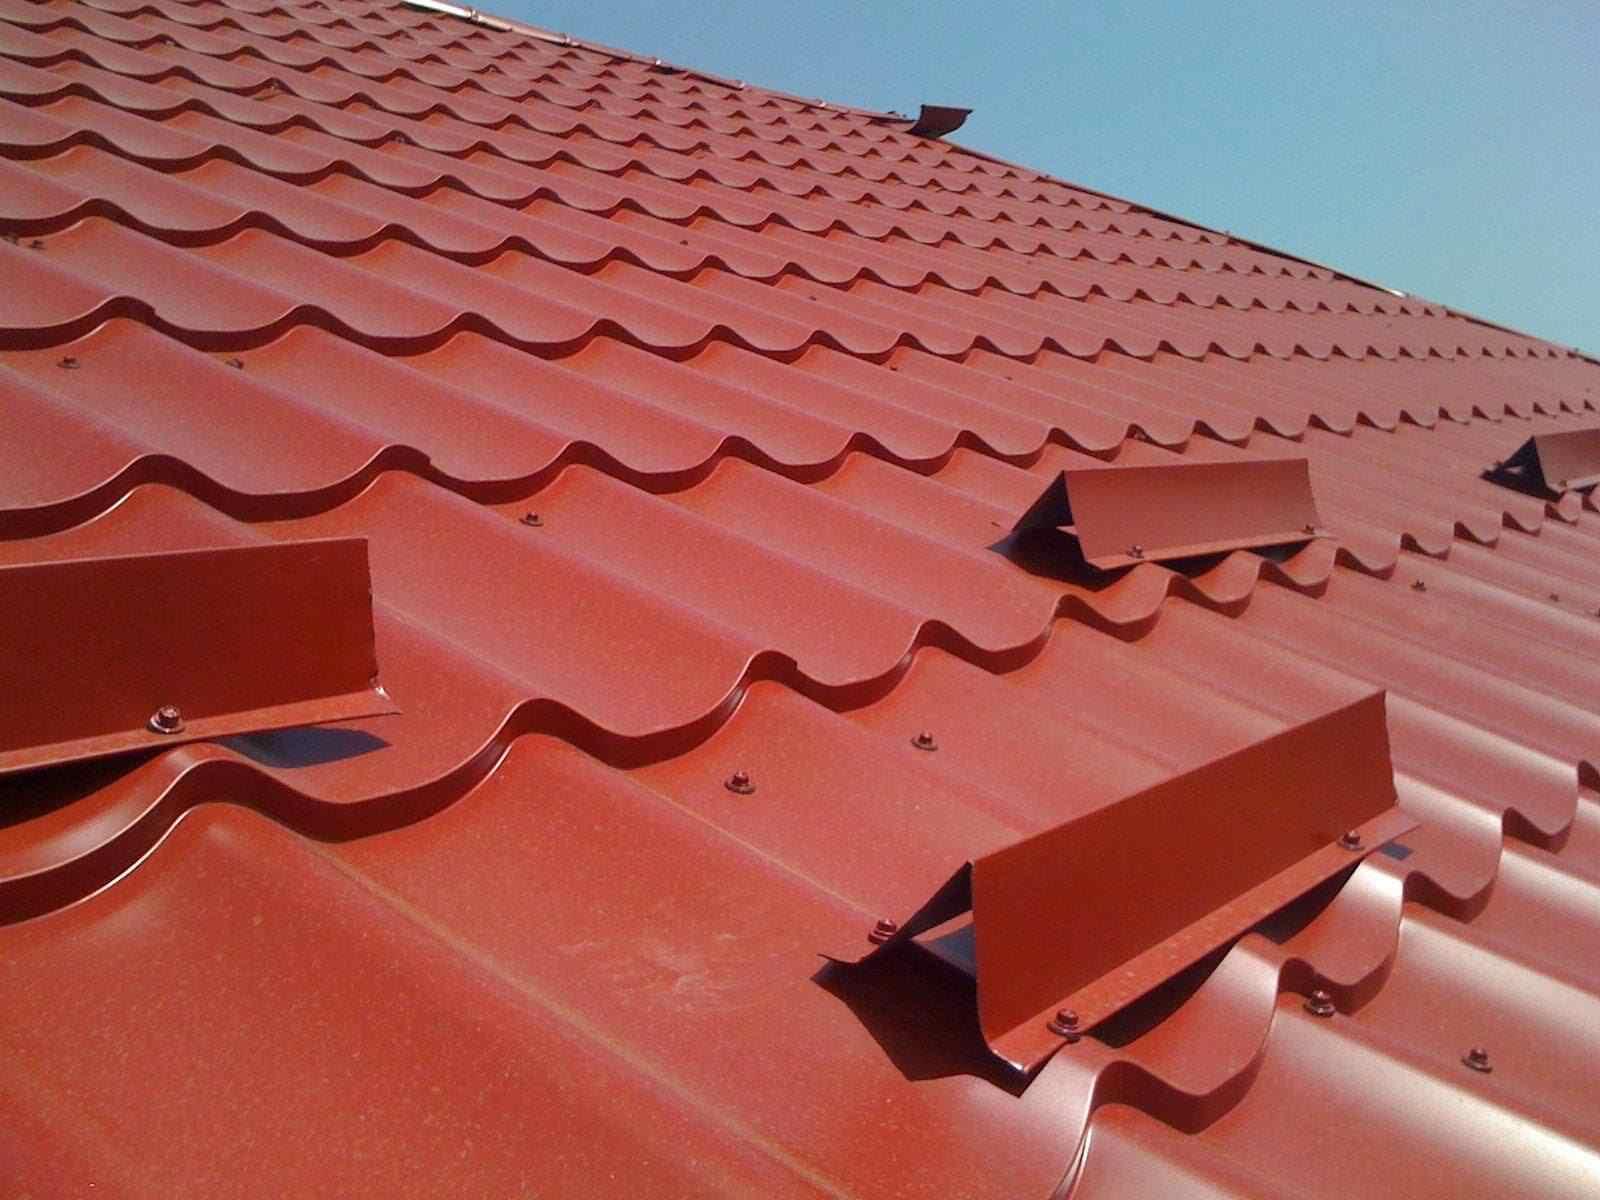 Ce materiale folosim pentru acoperisuri in 2017?